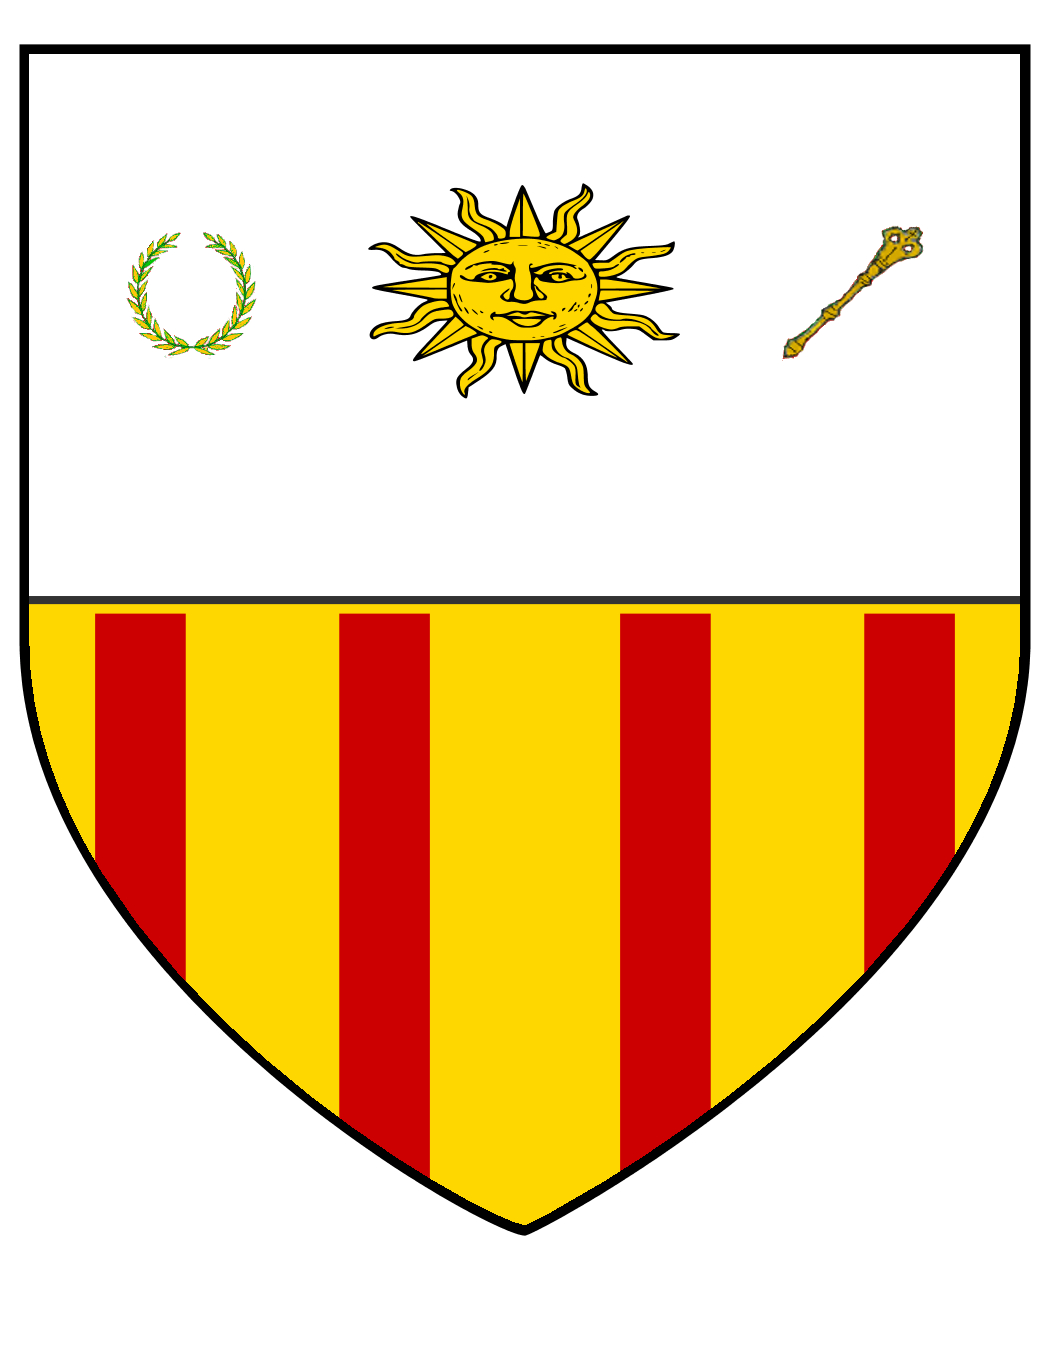 coat_of_arms_Martin_de_Toulon.png